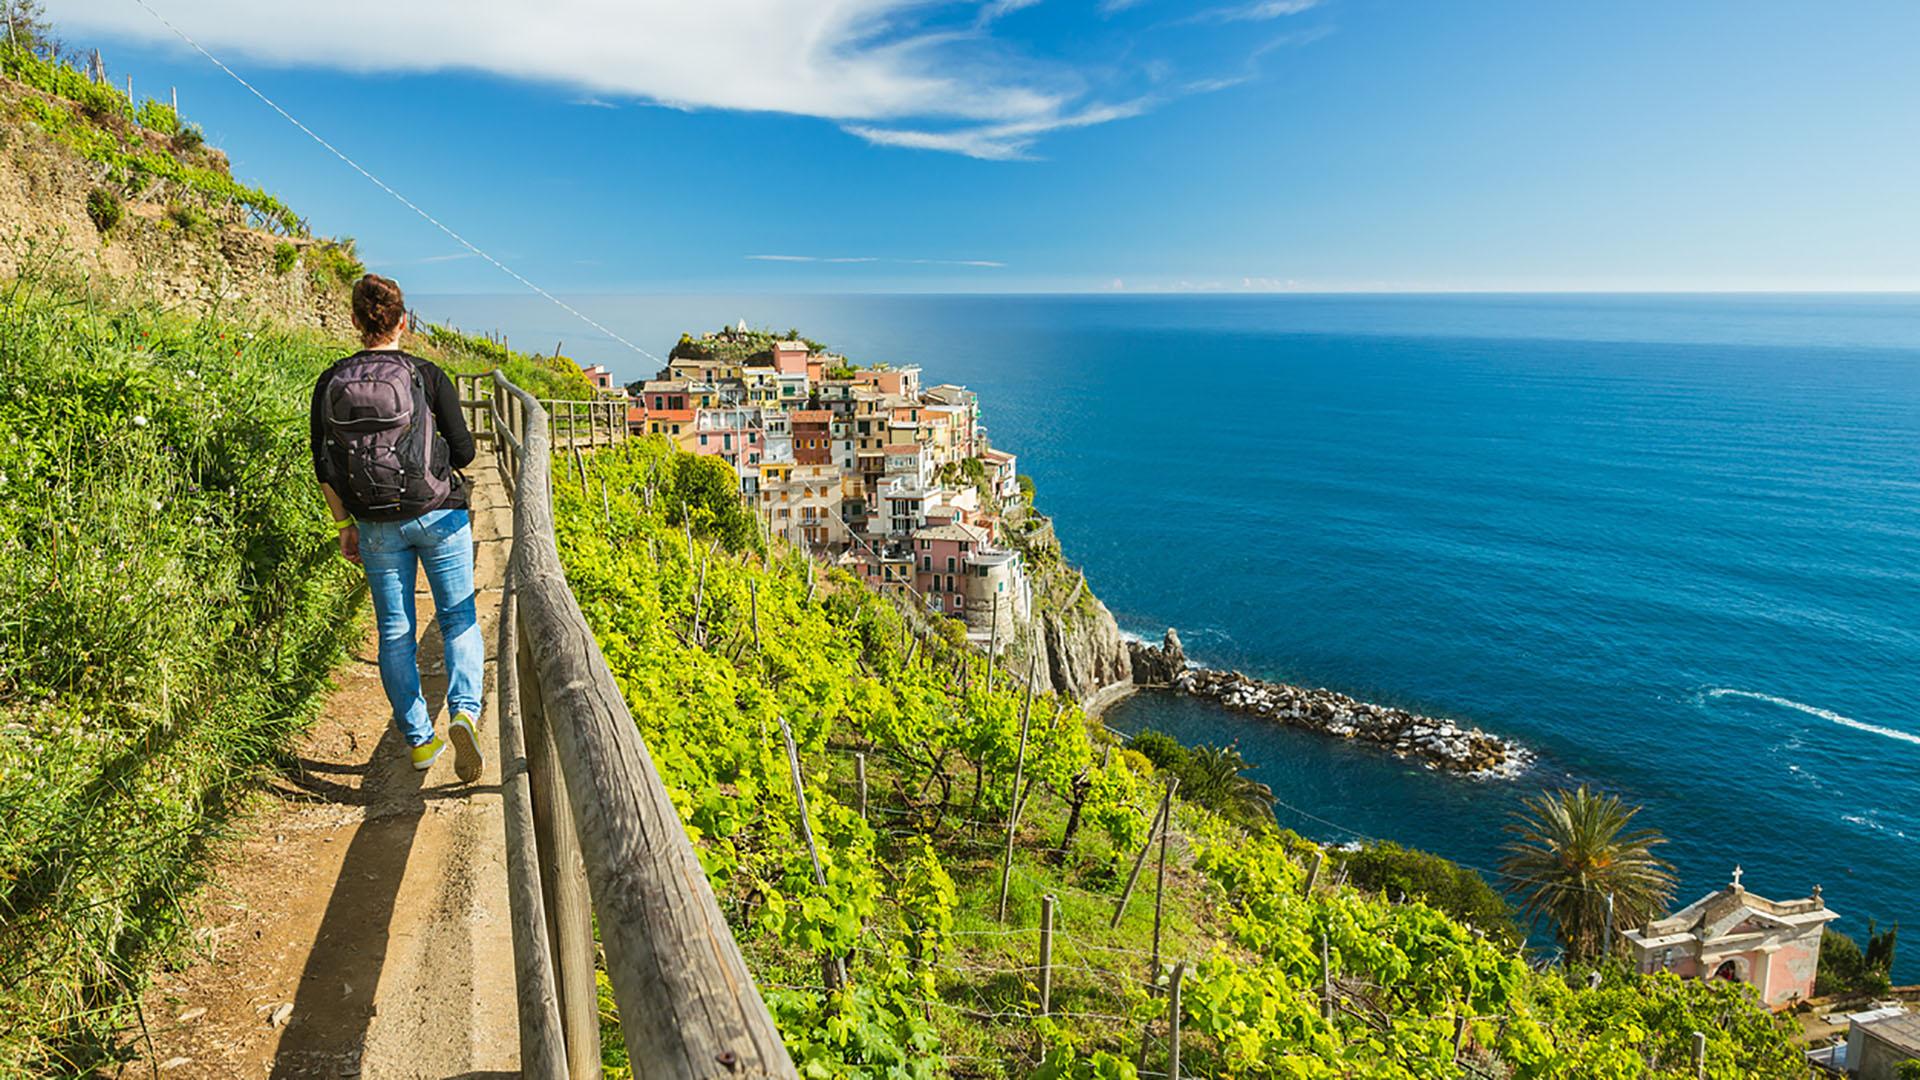 turismo sostenibile come praticarlo